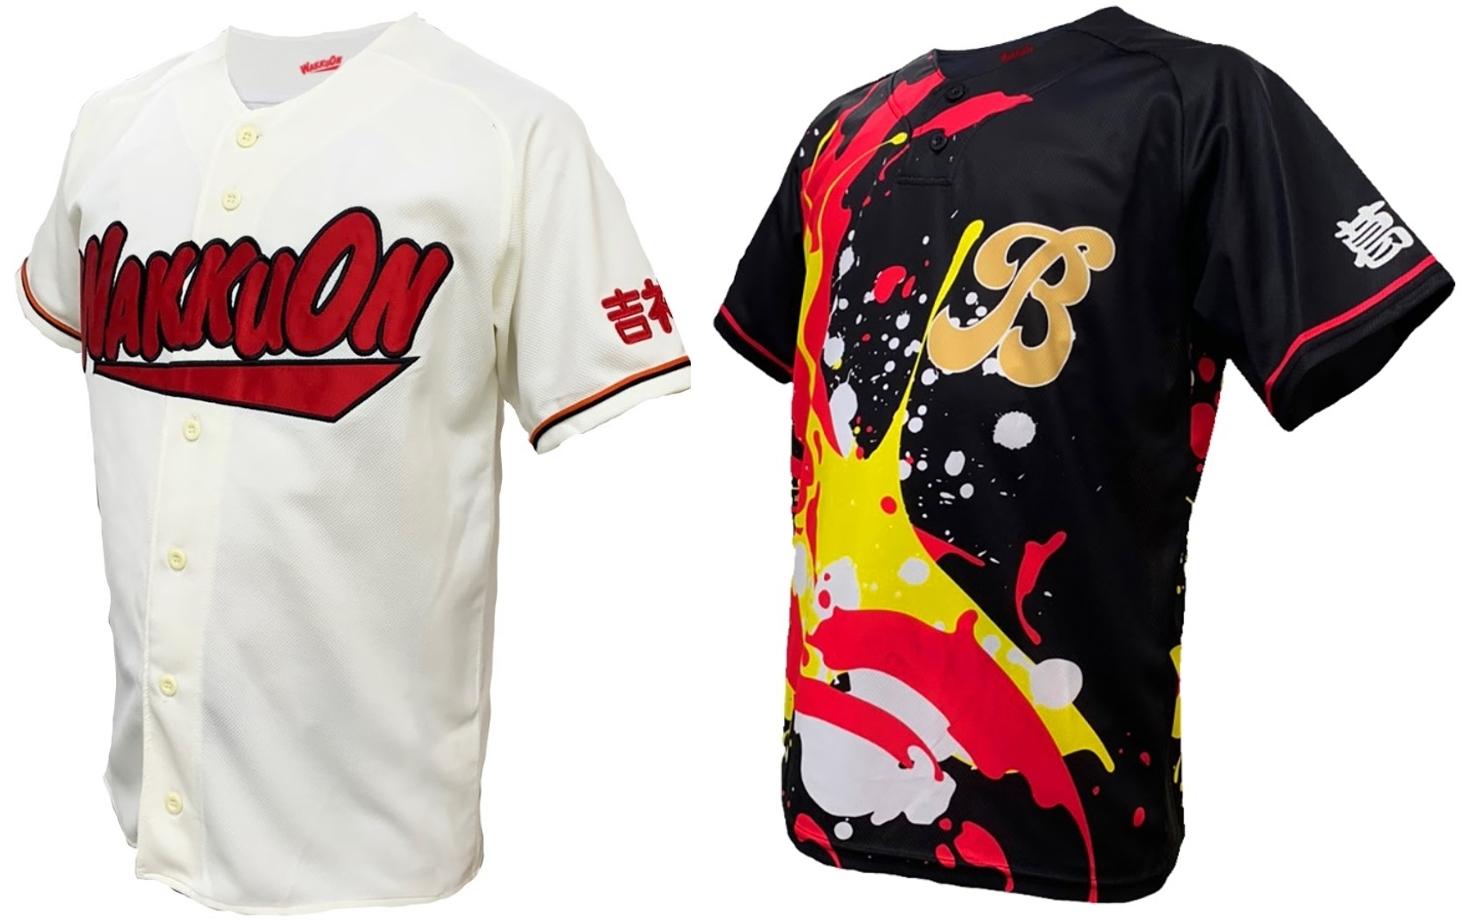 野球オーダーユニフォーム 刺繍と昇華の違い 選び方's image